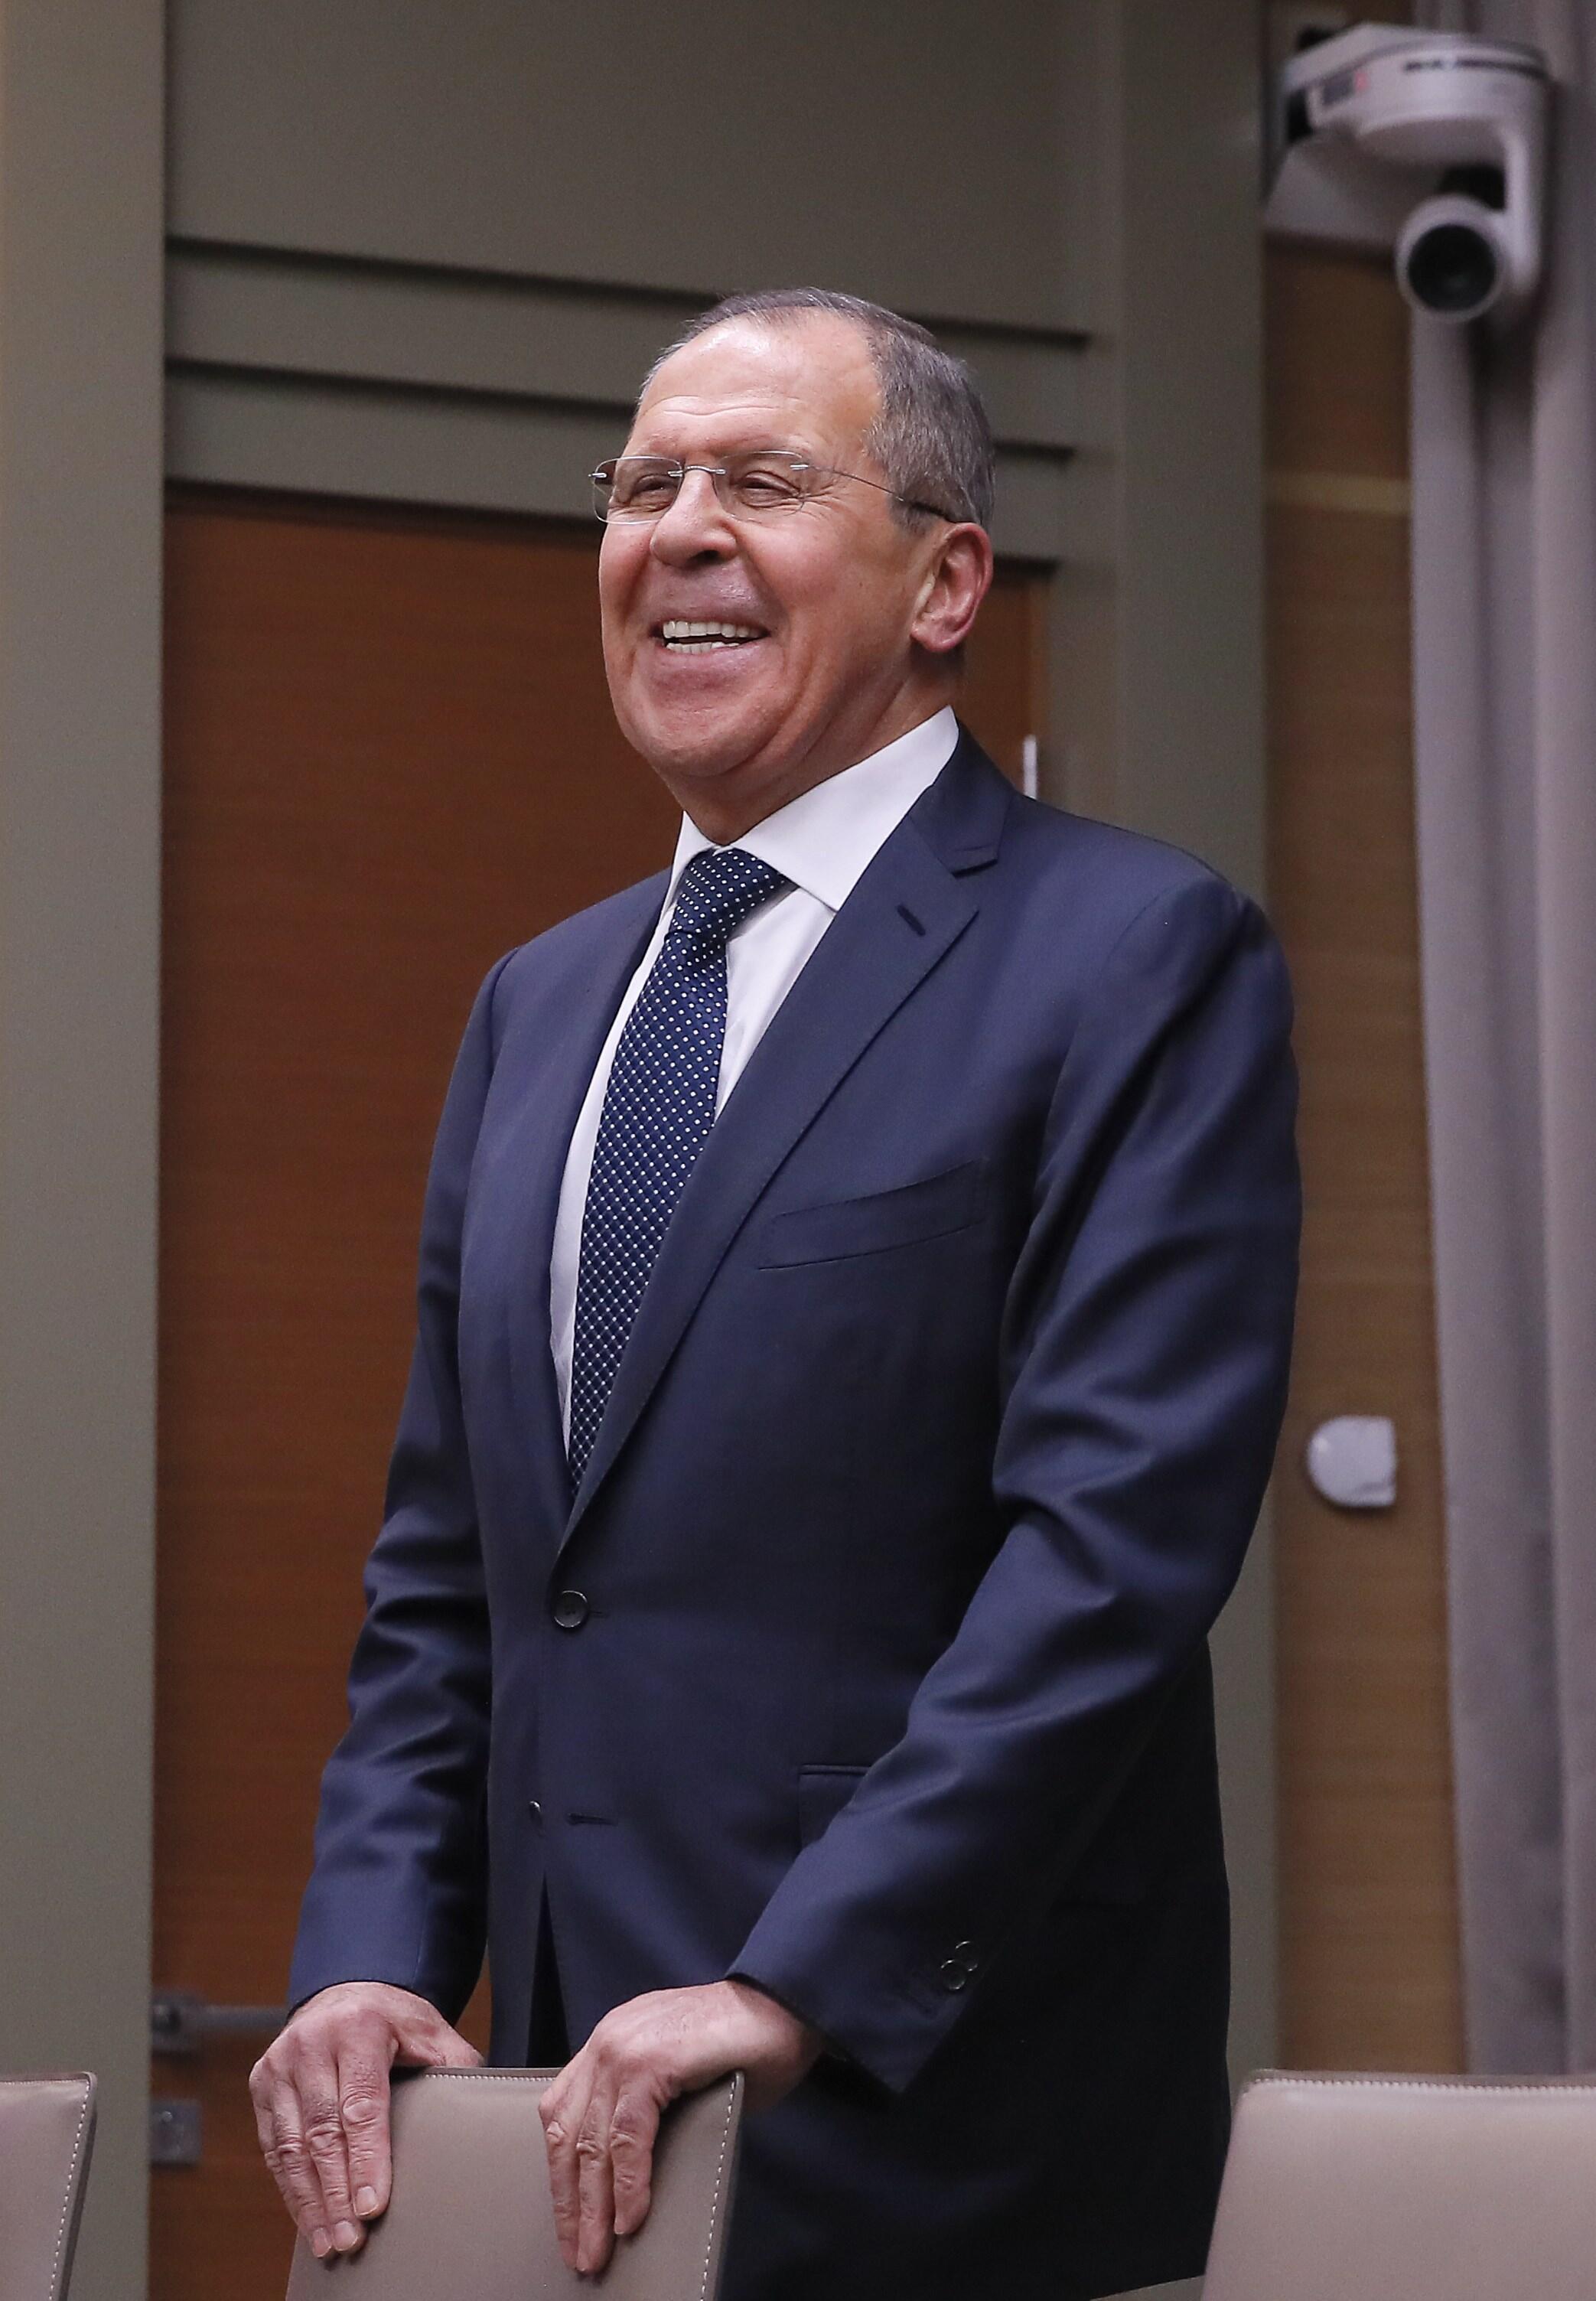 Глава МИД РФ Сергей Лавров. 31 января 2018 г.